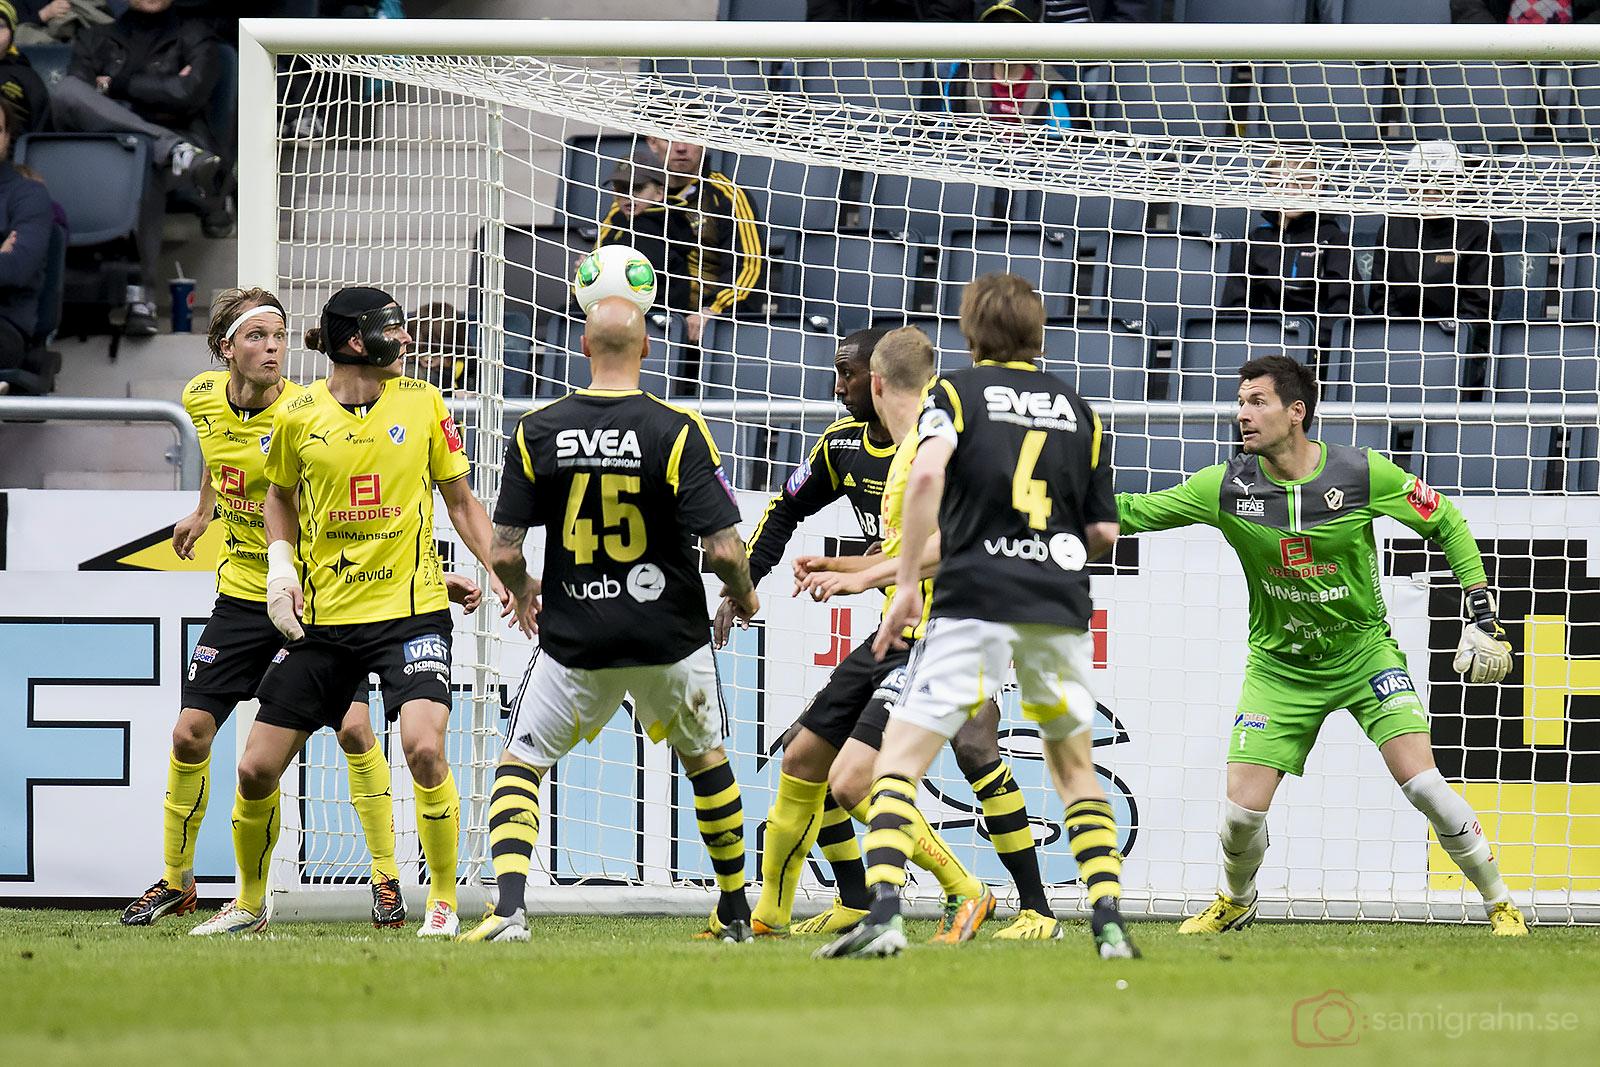 Nickmål av AIK Daniel Majstorovic